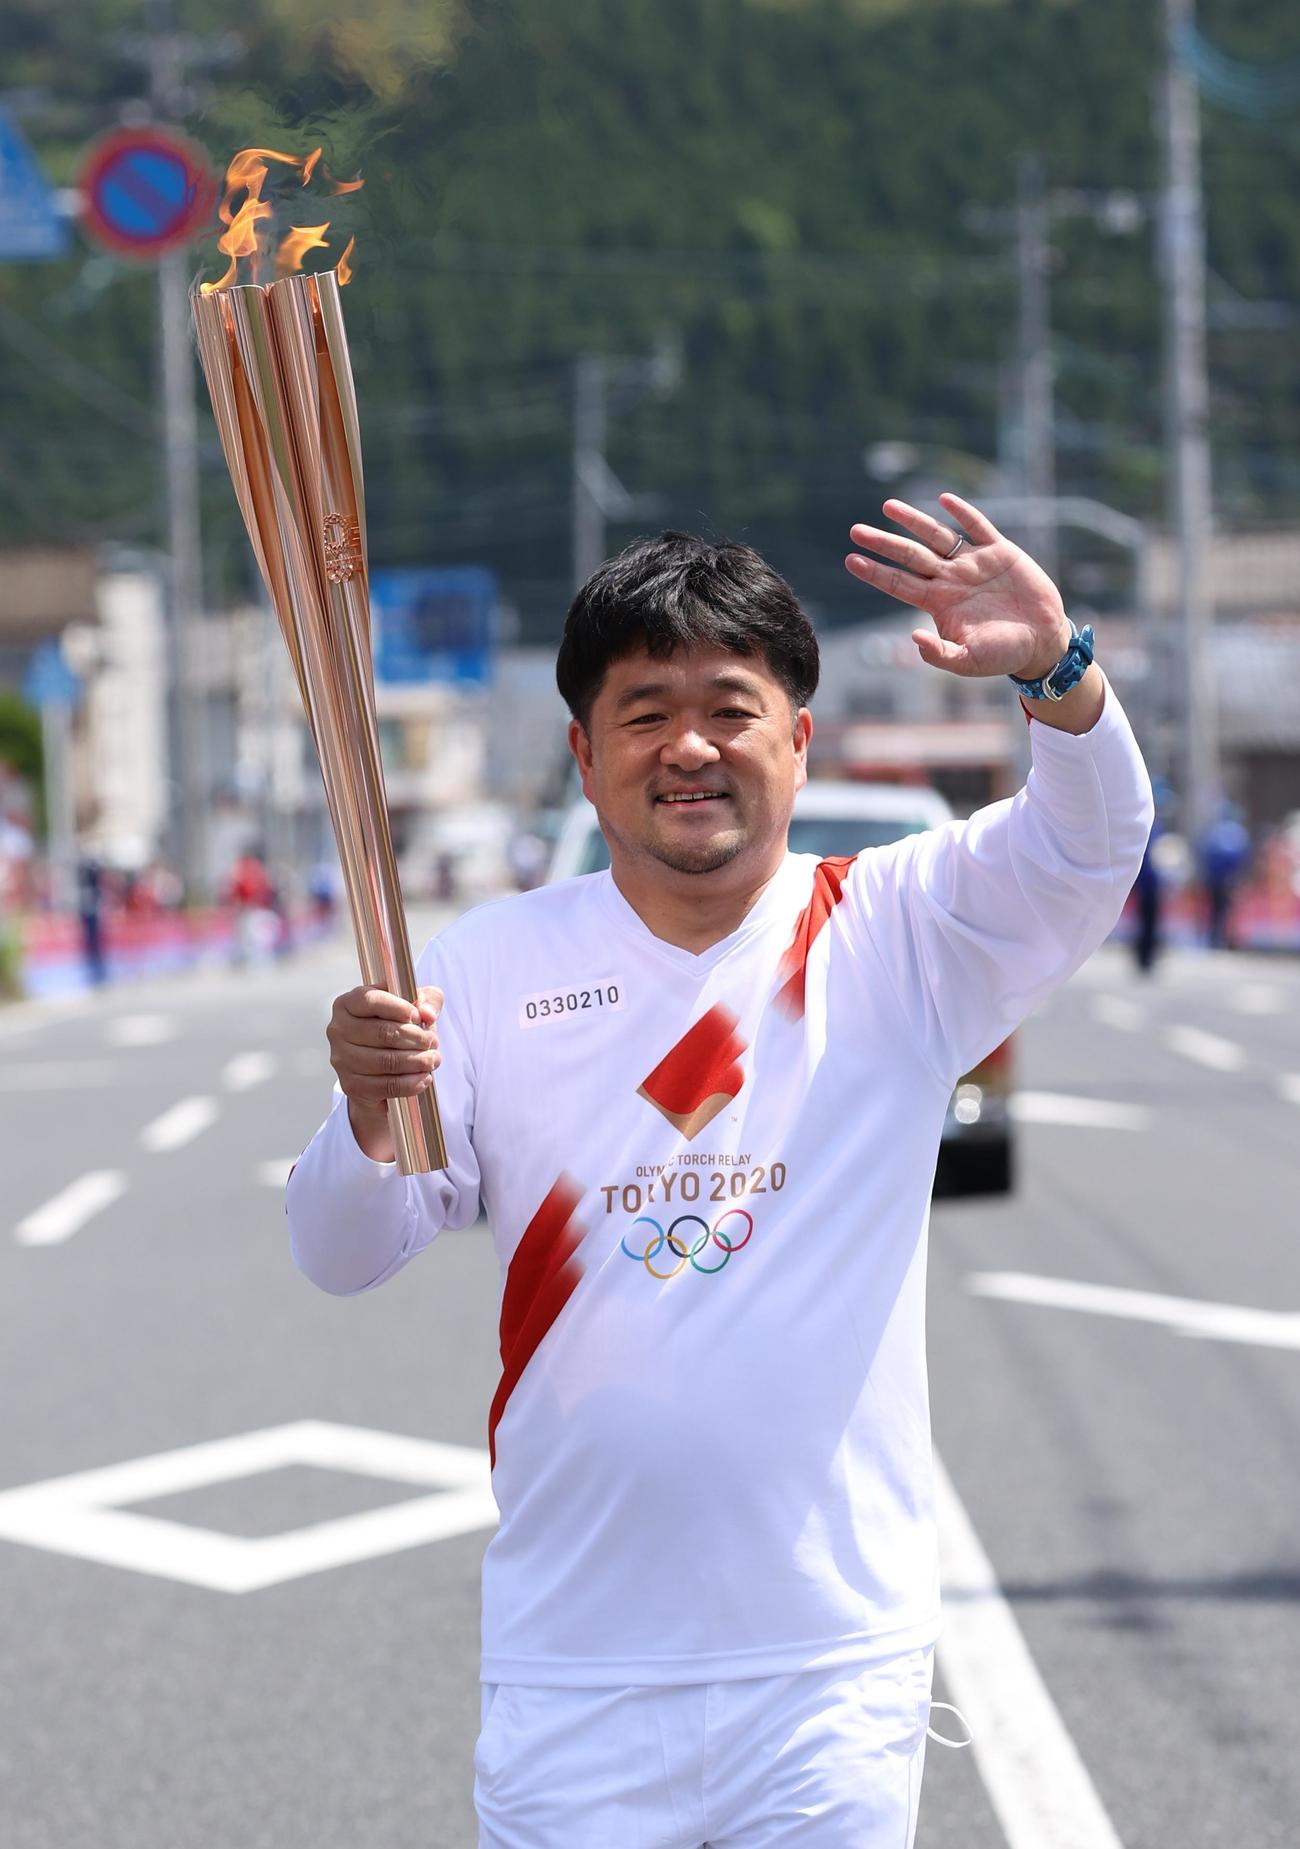 聖火ランナーを務めた木藤亮太さん(代表撮影)